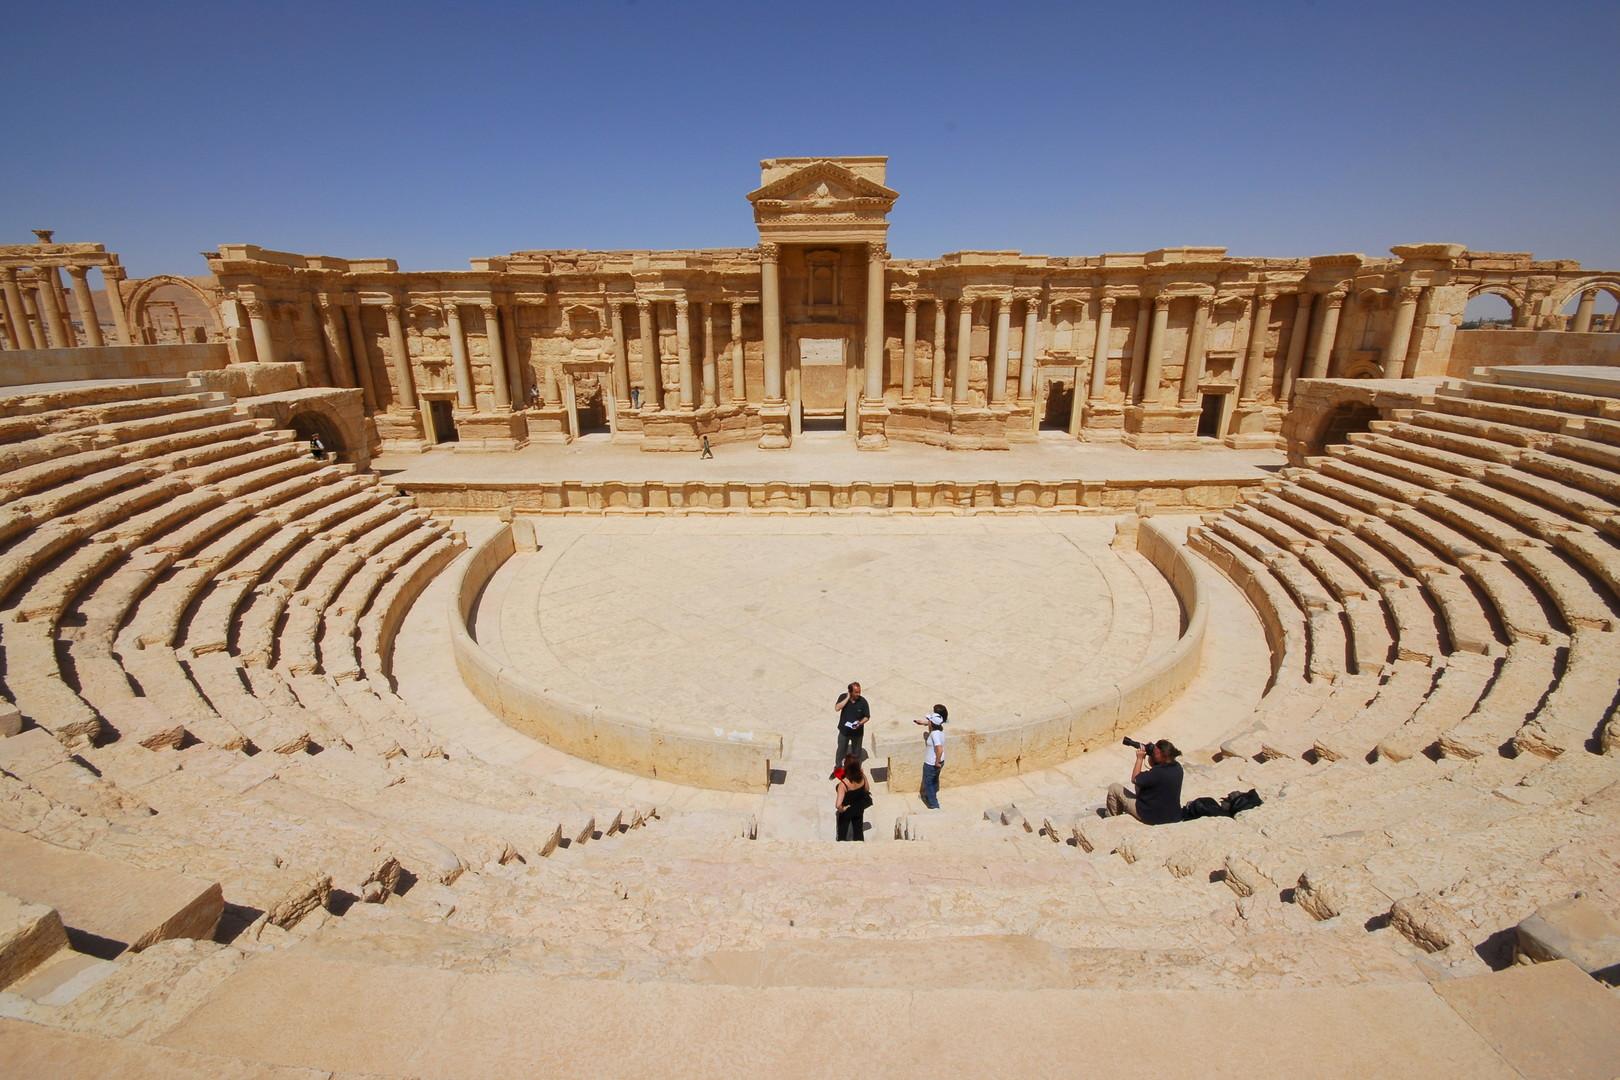 Les touristes prennent des photos dans le théatre de Palmyre